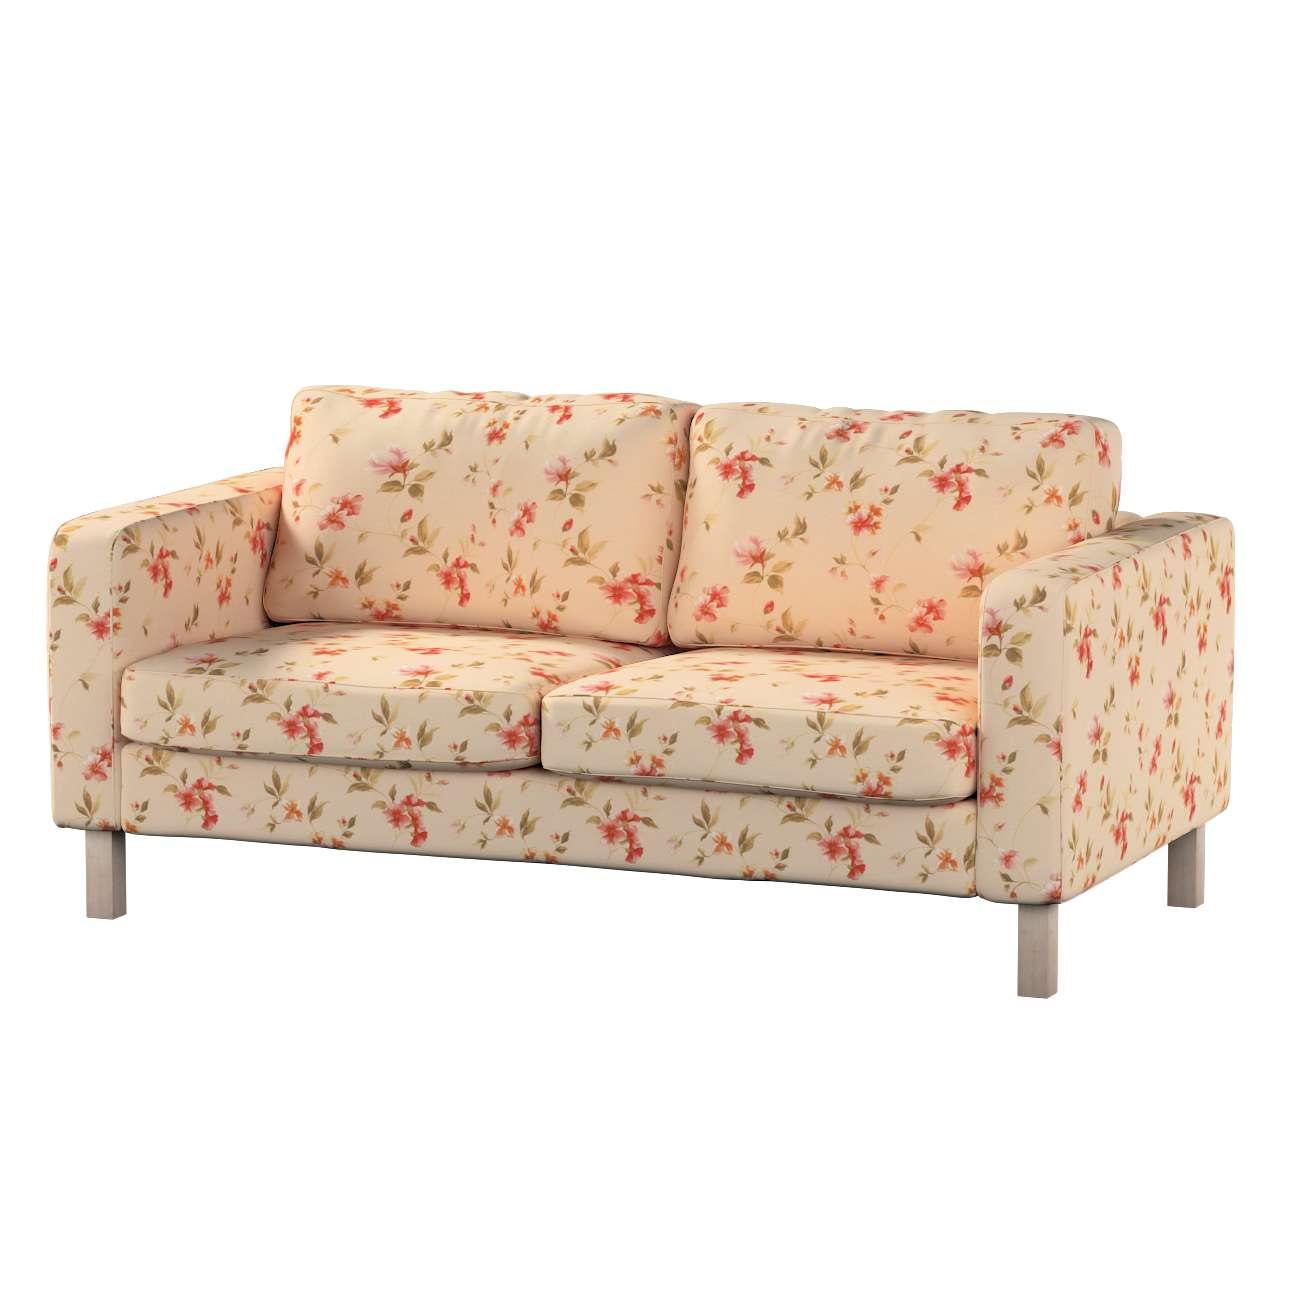 Pokrowiec na sofę Karlstad 2-osobową nierozkładaną krótki Sofa Karlstad 2-osobowa w kolekcji Londres, tkanina: 124-05